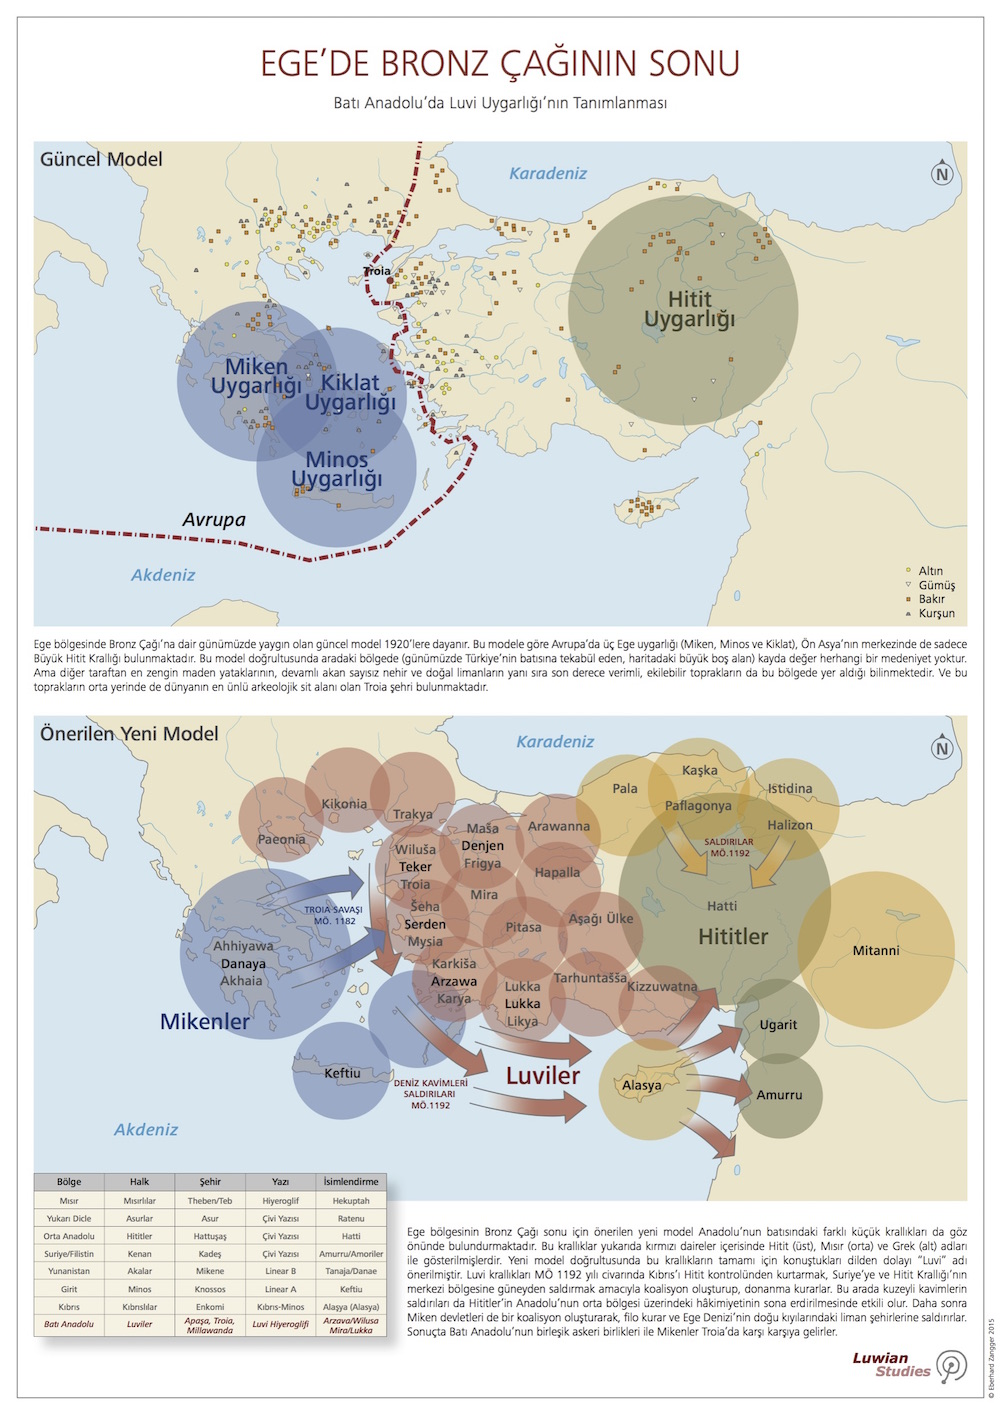 İzmir'de Luvi Uygarlığı ve Ege'nin Geç Bronz Çağı Konulu Seminer